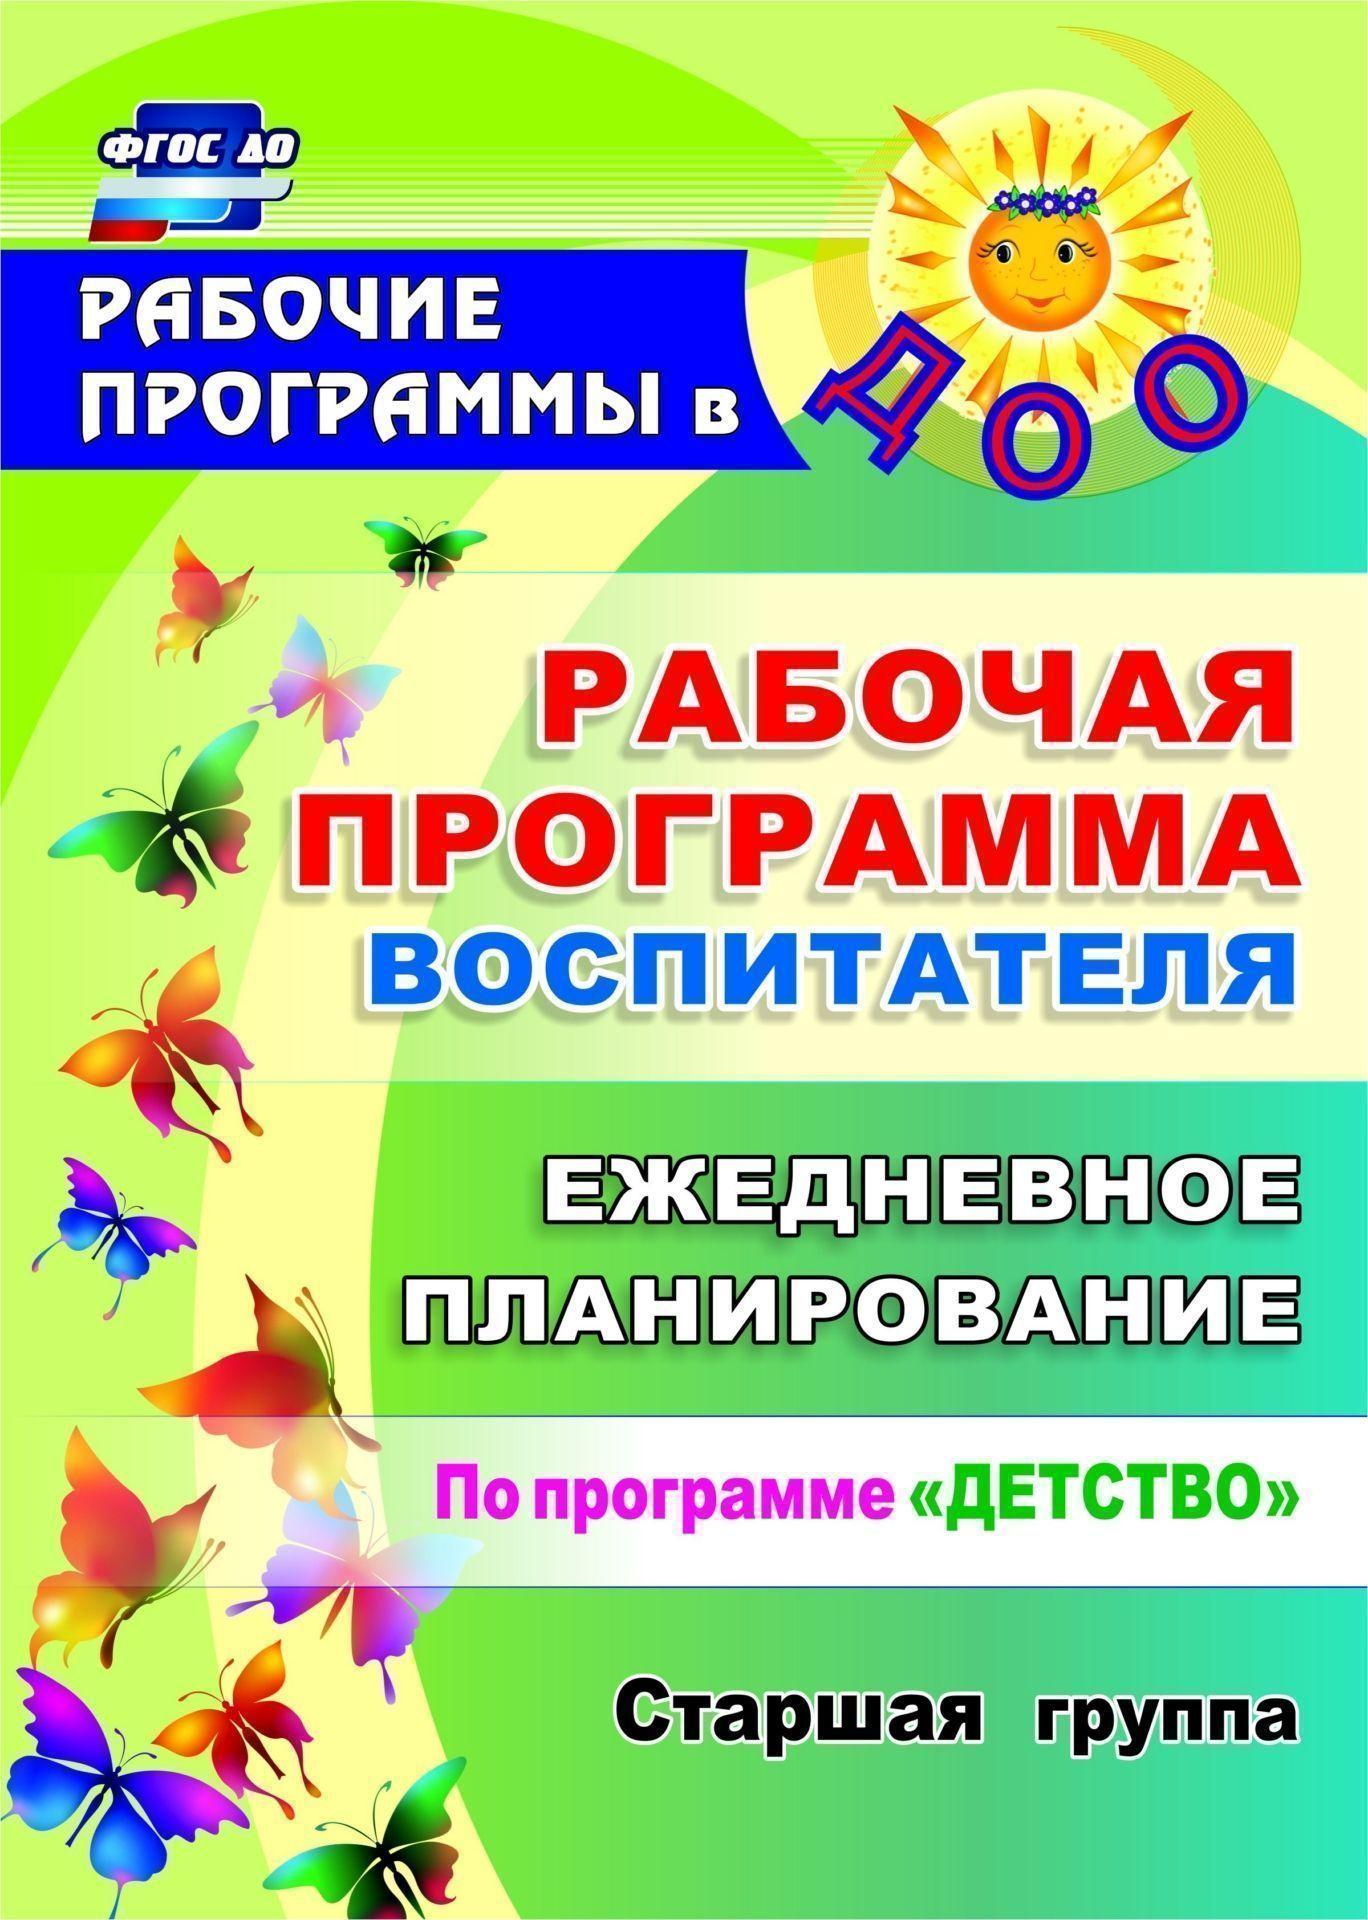 все цены на Н. Н. Гладышева, Ю. Б. Сержантова, Л. С. Баннова, Л. В. Грибанова Рабочая программа воспитателя: ежедневное планирование по программе